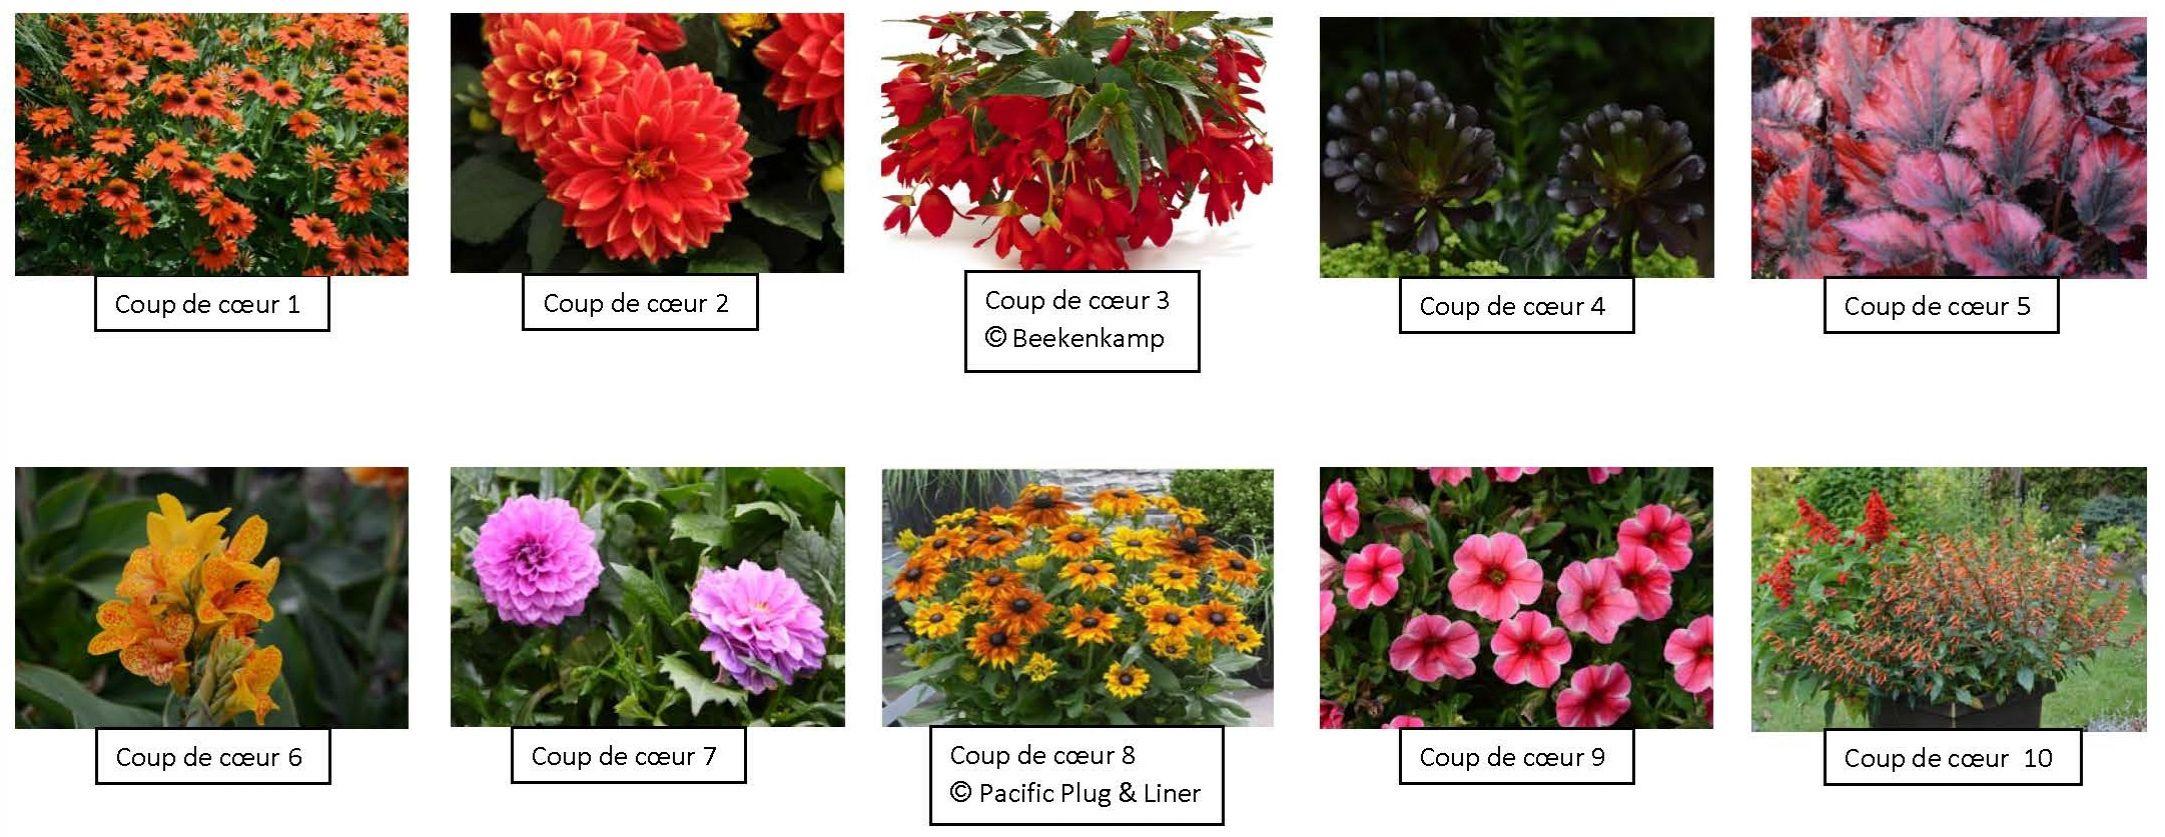 Plantes gagnantes concours Tendances horticoles 2015